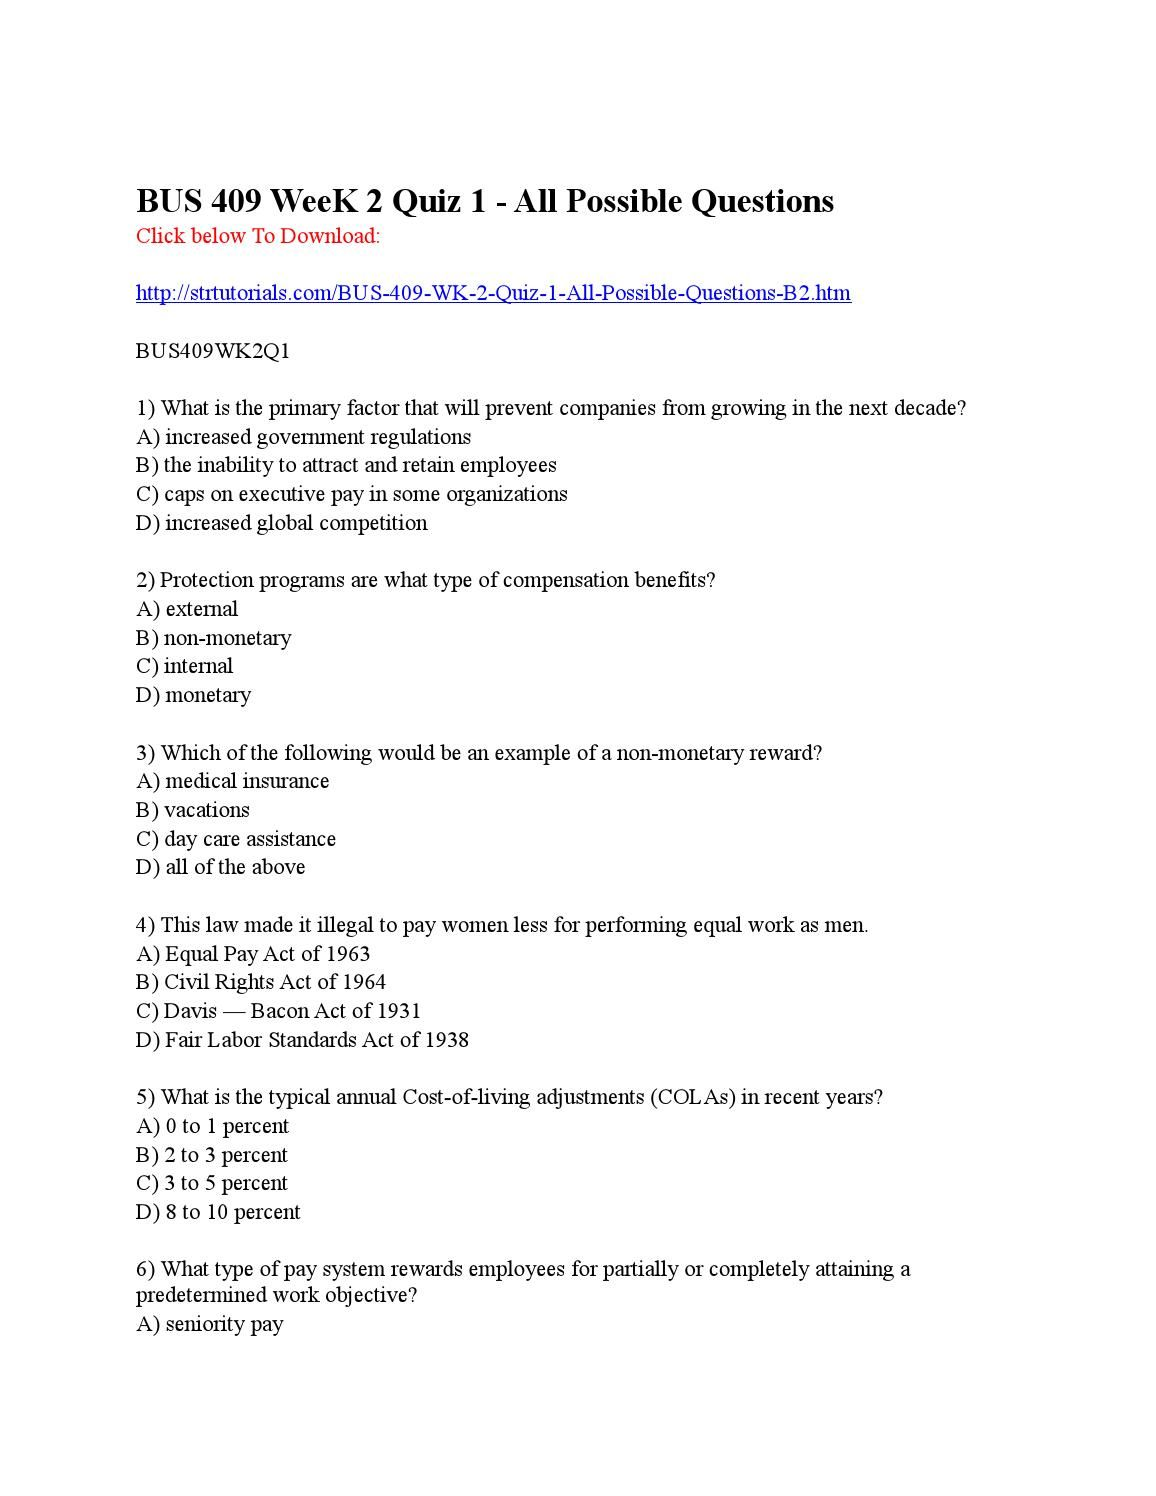 Bus409 Week 2 Quiz 1 All Possible Questions BUS 409 WeeK